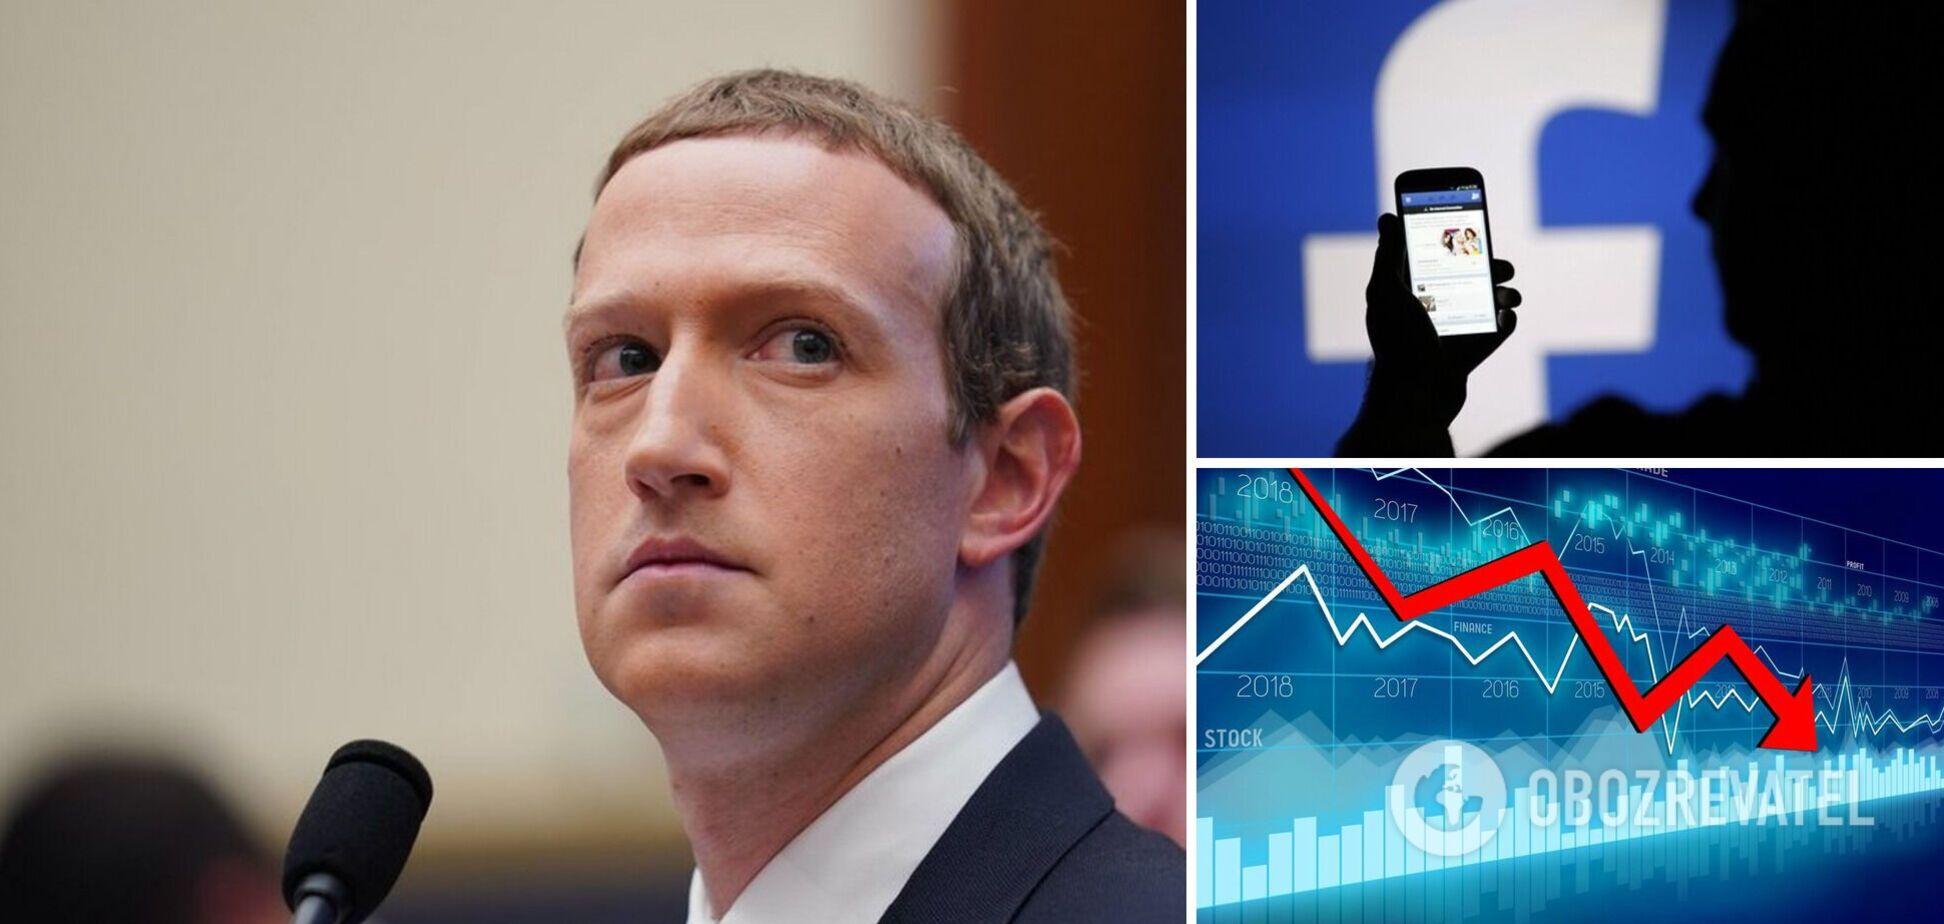 Крупнейший сбой в Facebook, Instagram и WhatsApp: работа соцсетей восстановилась спустя 7 часов